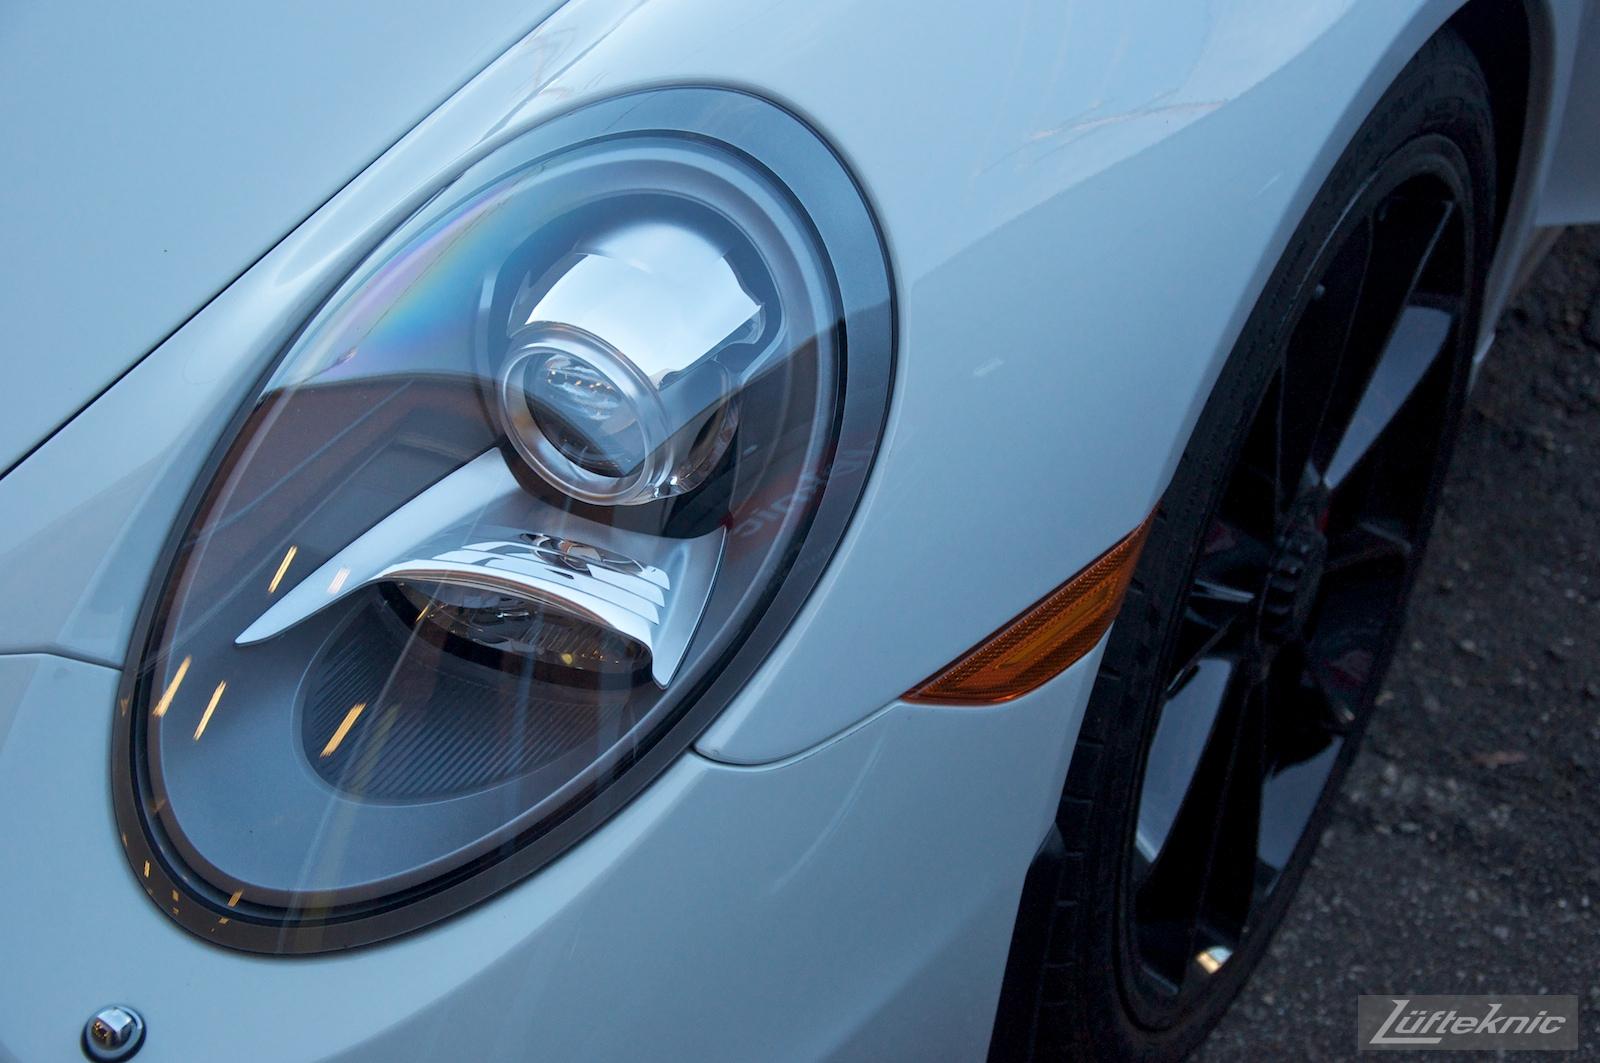 Detailed headlight shot of the Lüfteknic Porsche 991 GT3